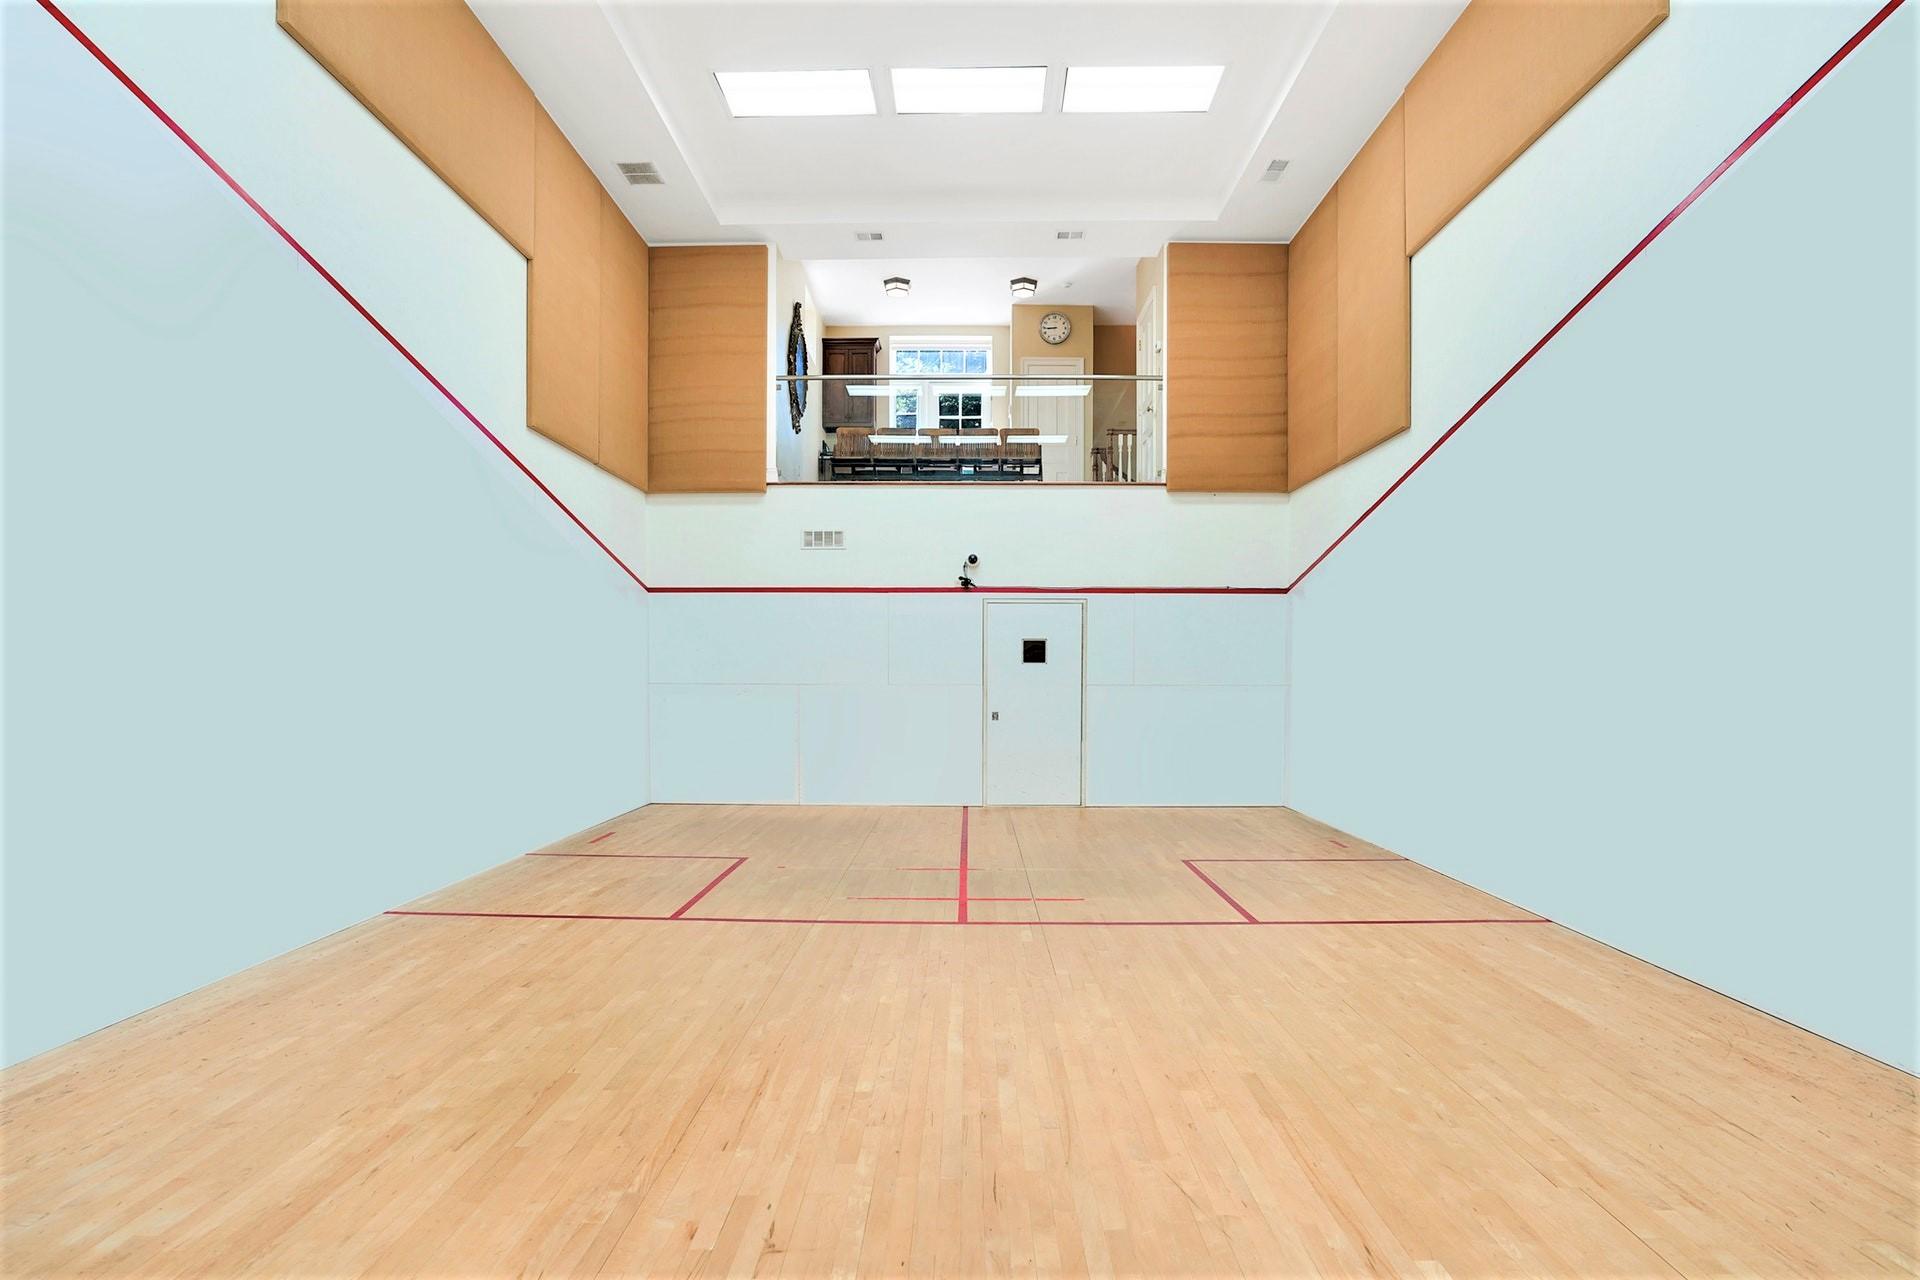 85 Stewart Road - Squash Court